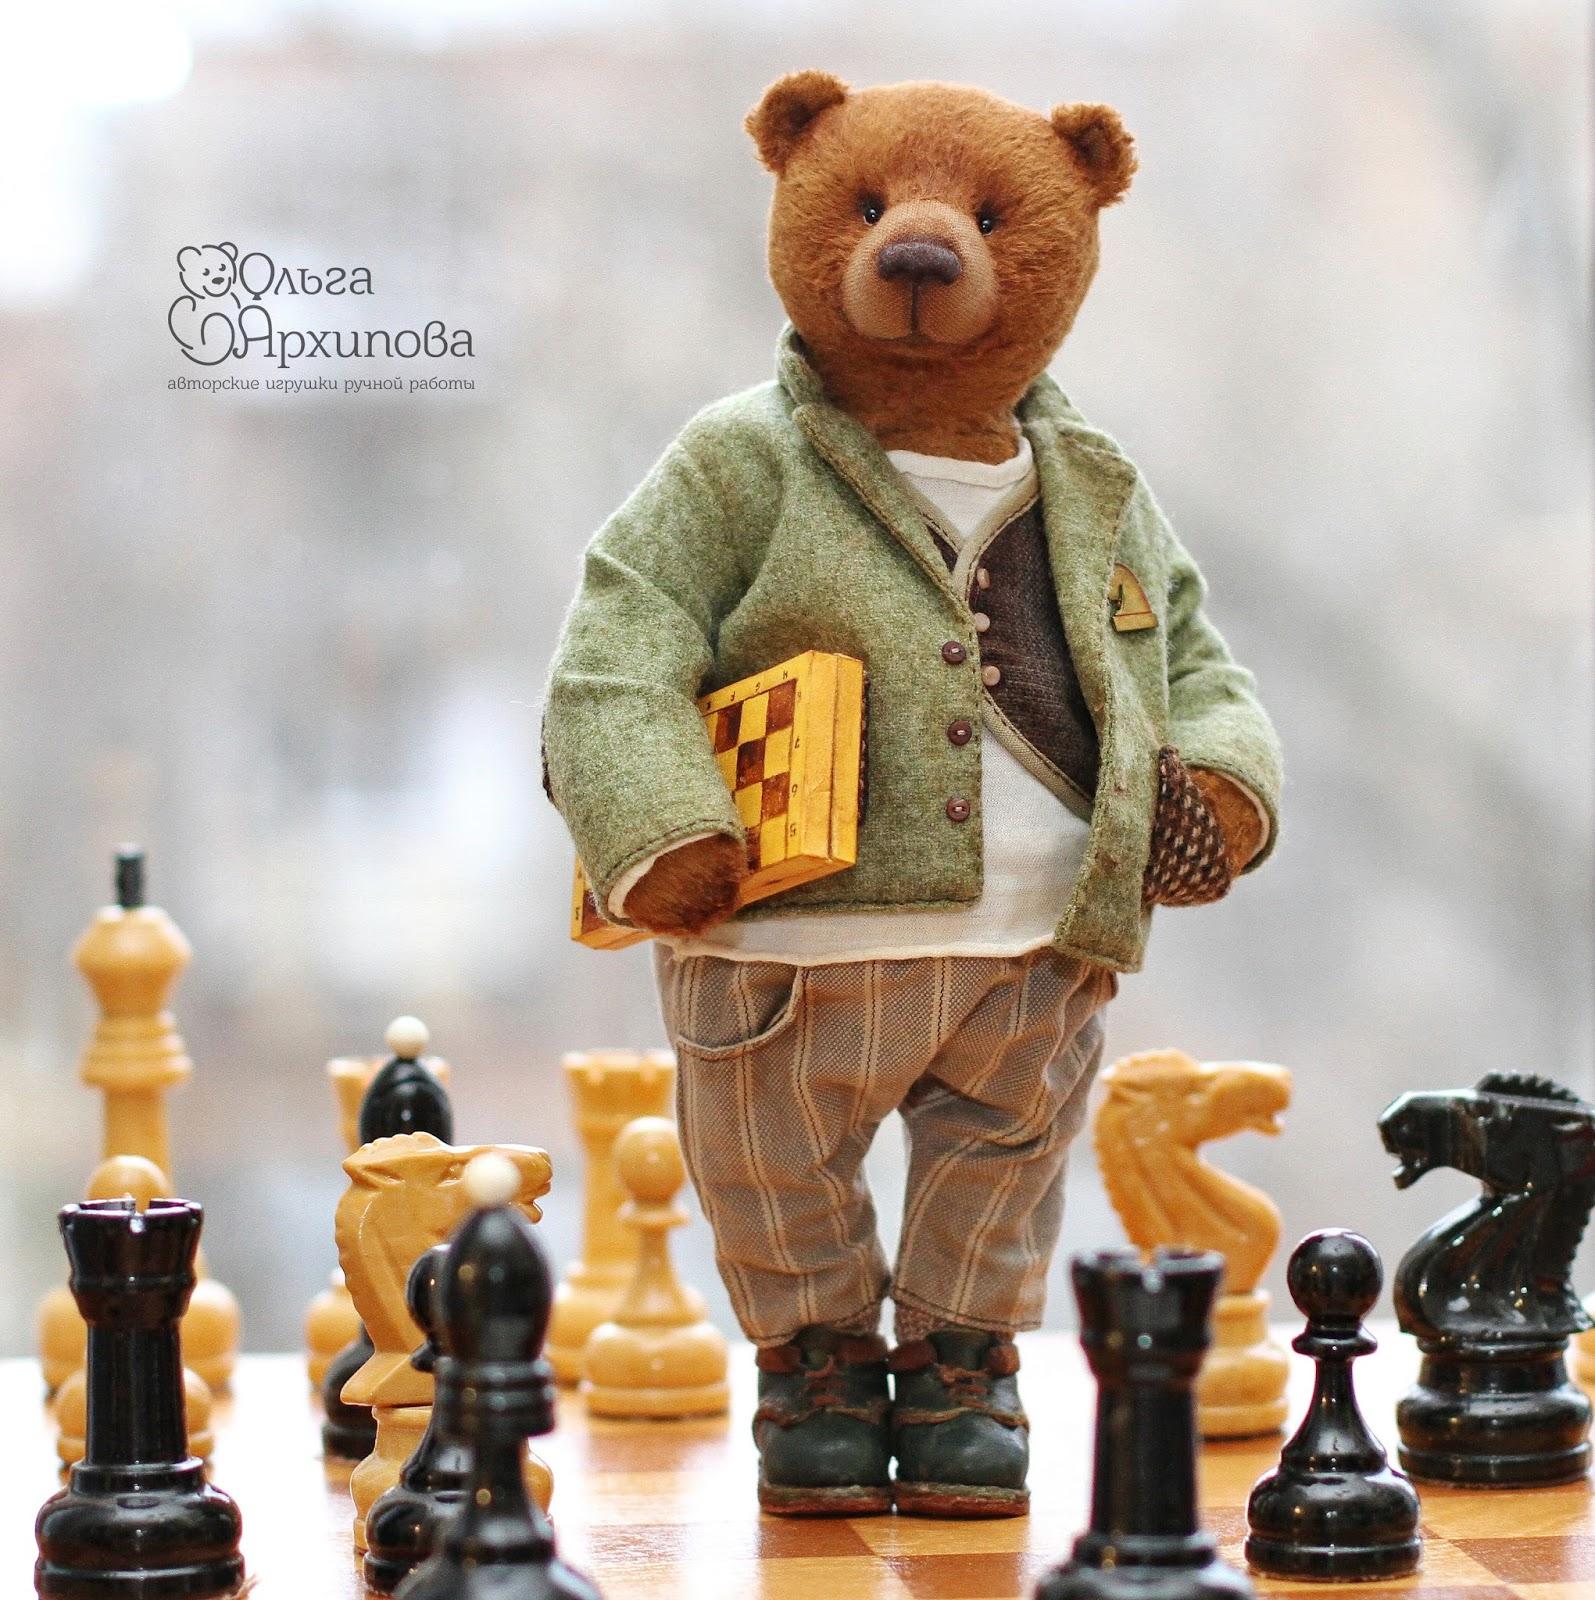 Авторские мишки Тедди ручной работы Ольги Архиповой